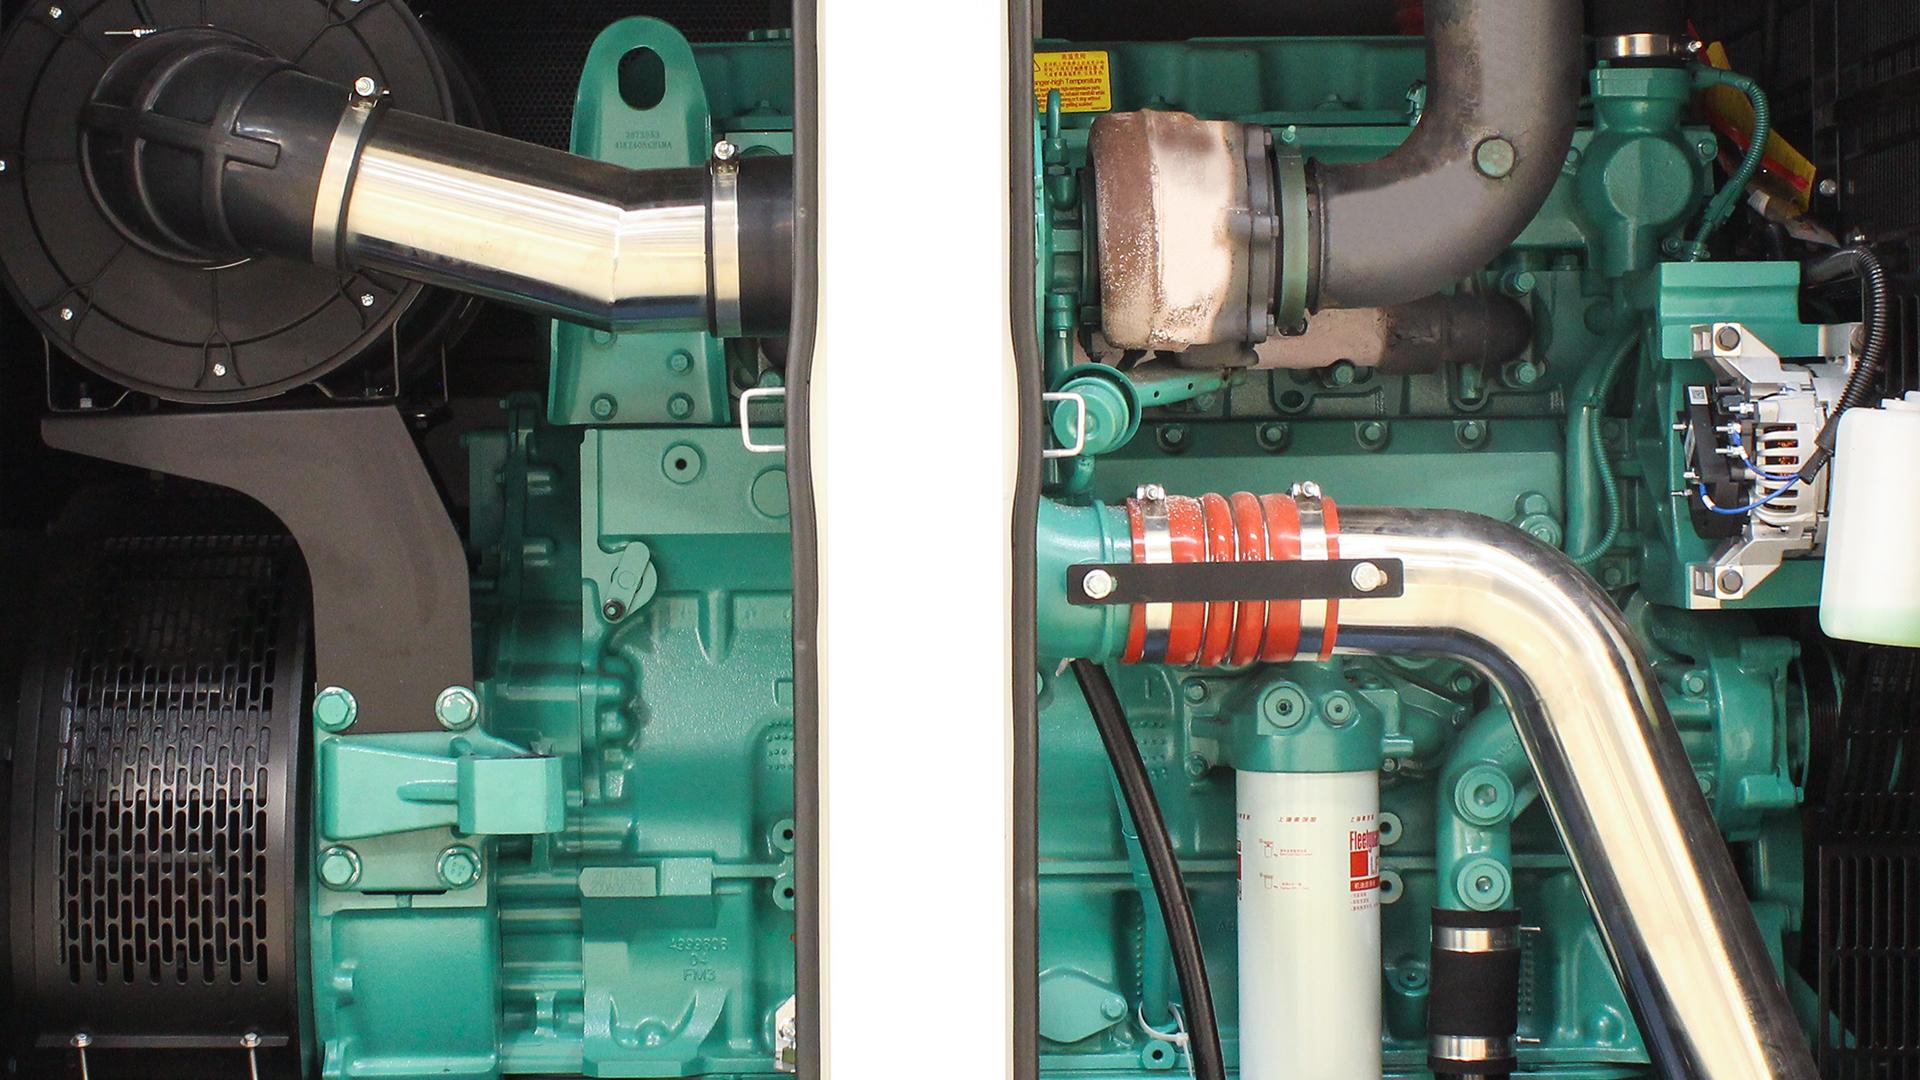 Cummins QSZ13 Engine installed in Evopower UKC550ECO